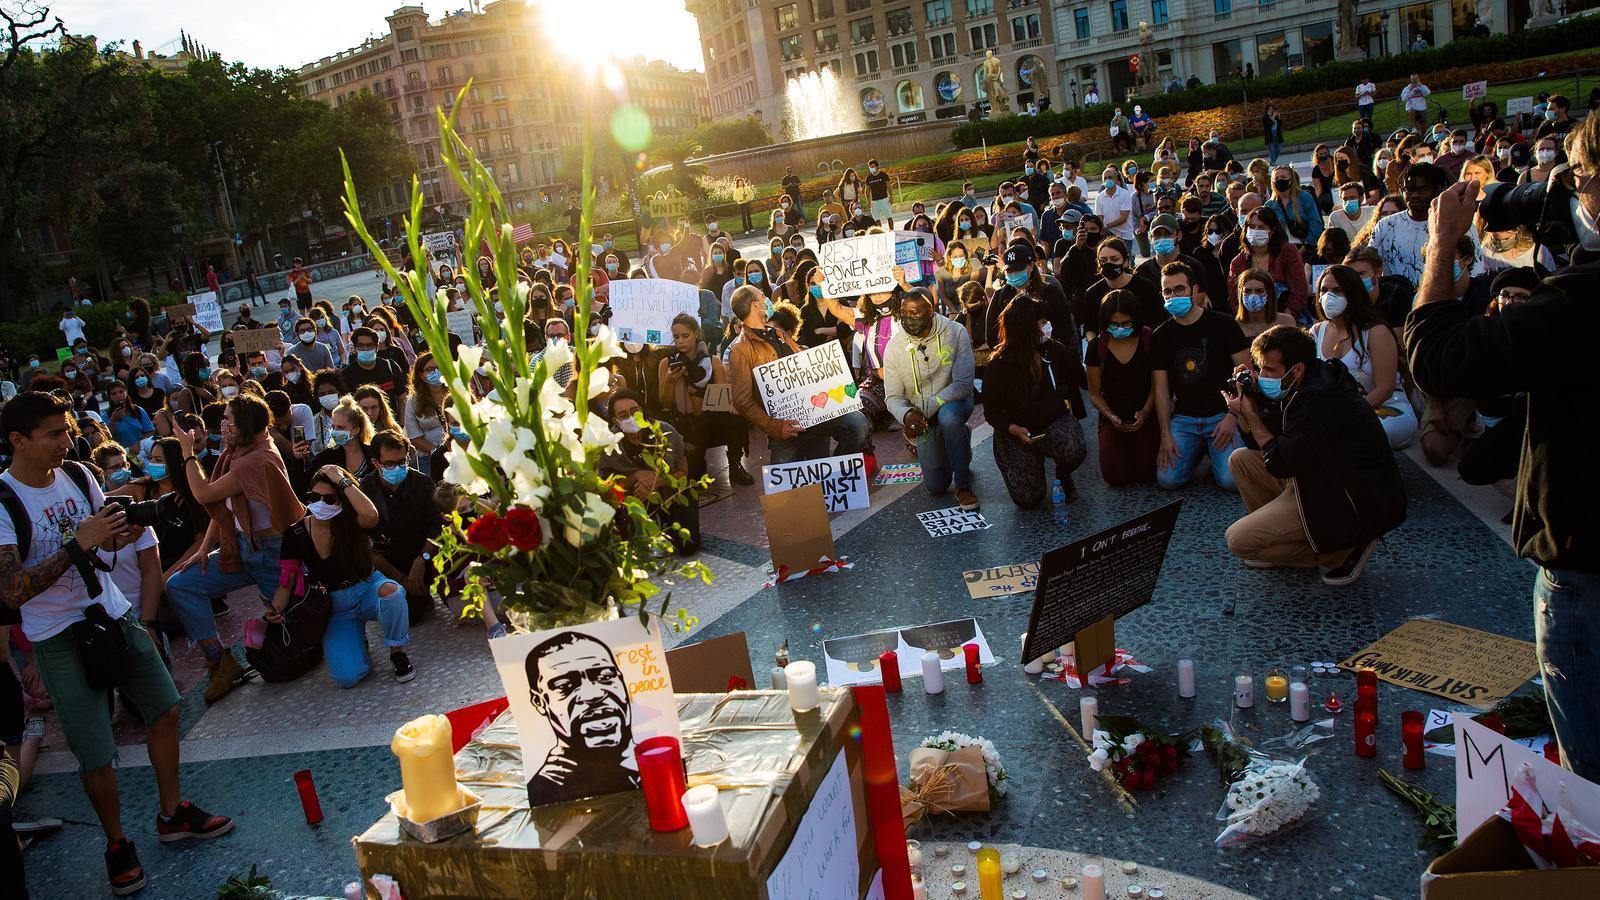 Concentració a plaça de Catalunya, a Barcelona, en record de George Floyd i contra el racisme